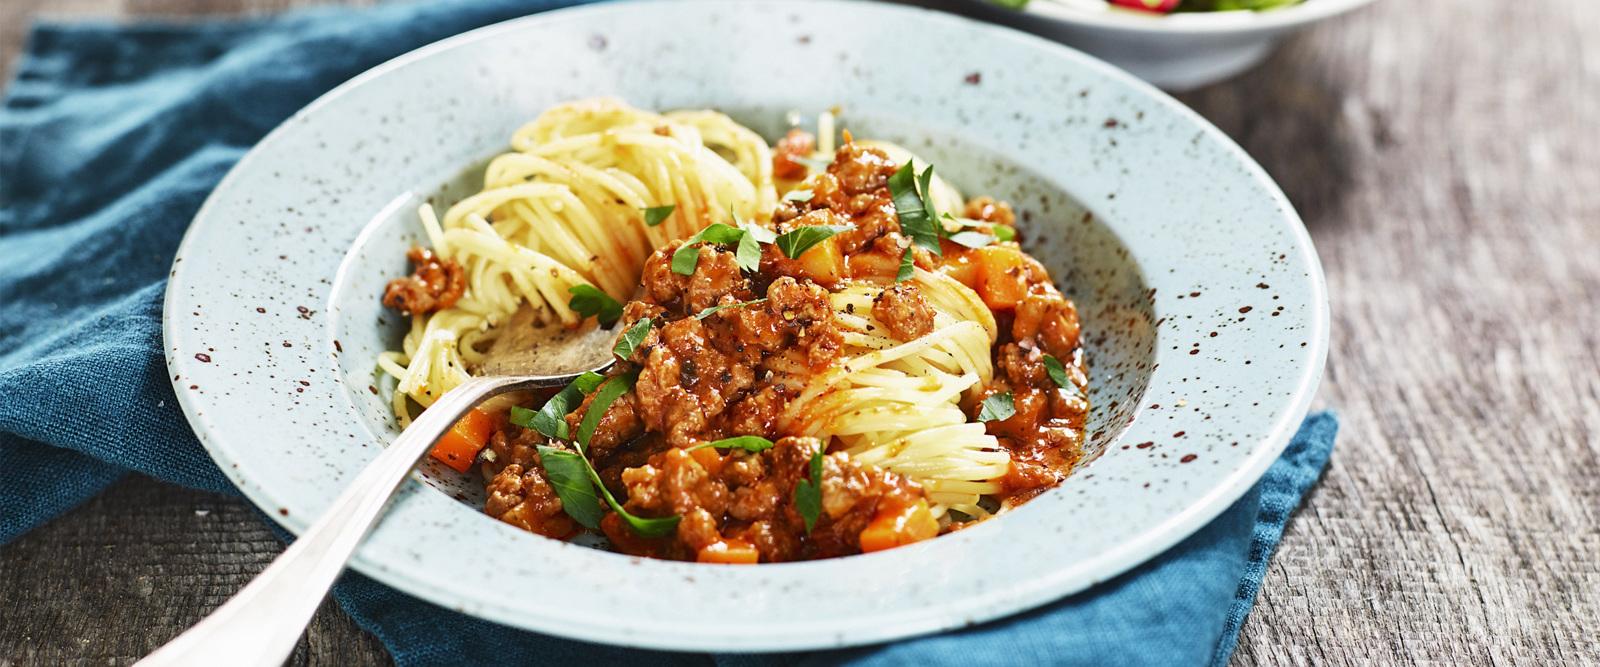 Pastasås - snabba pastasåser för alla tillfällen